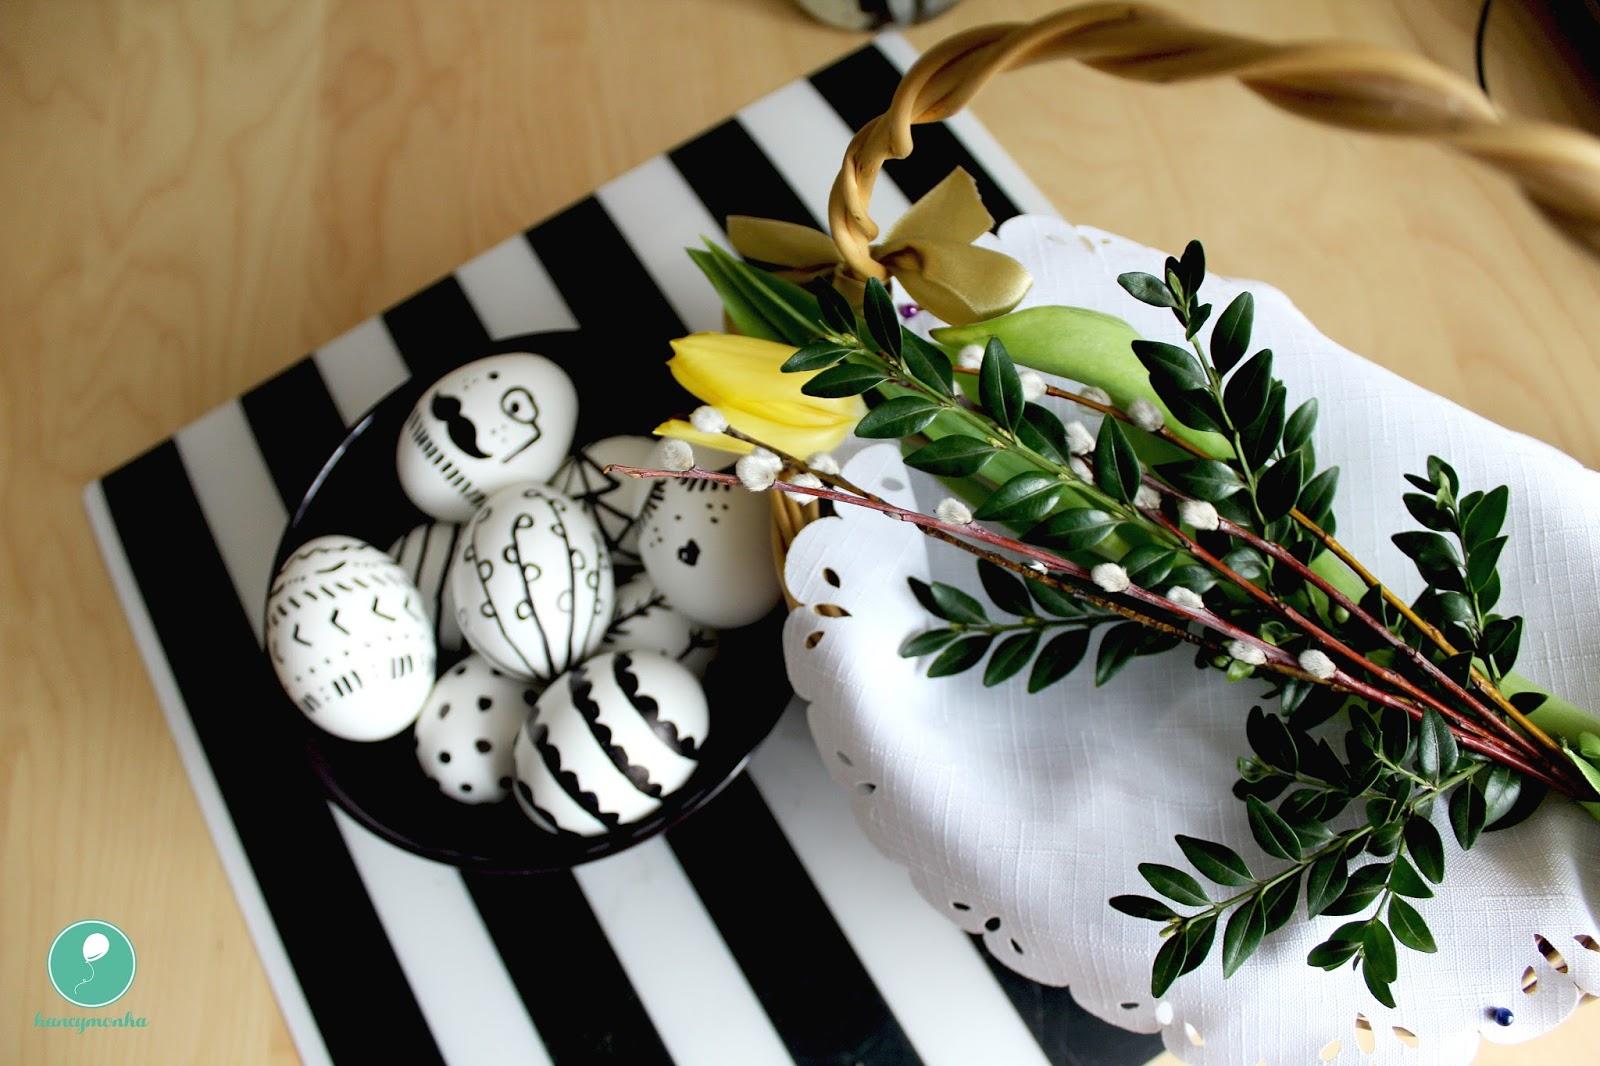 wielkanoc, easter, ozdoby, dekoracje wielkanocne, hancymonka, bazie, tulipany, homedecor, easter decorations